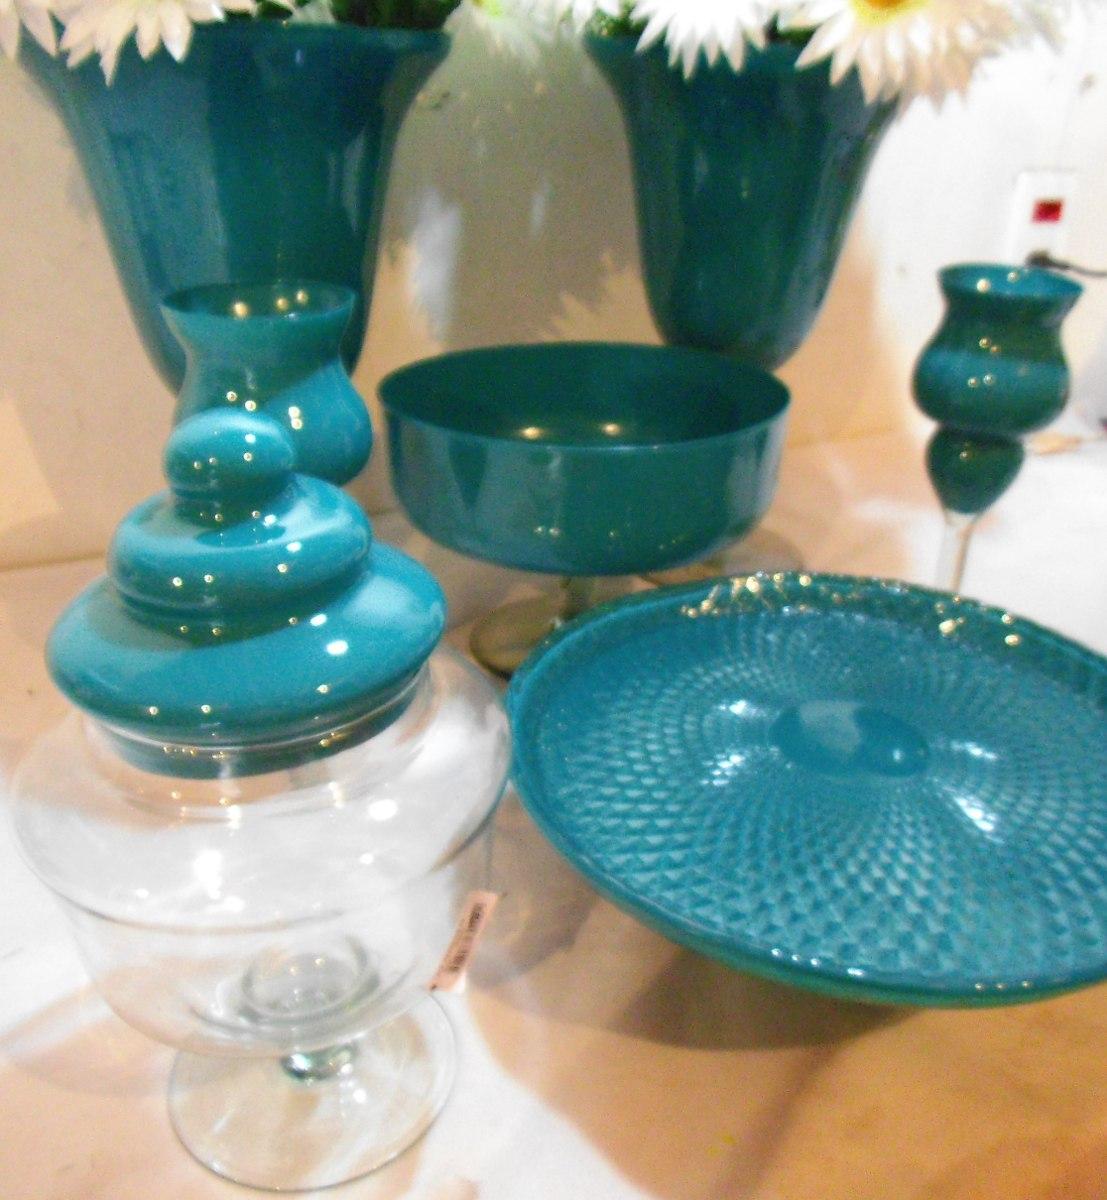 Kit De Vidro Colorido Para Decoraç u00e3o Festas 8 Peças Tiffany R$ 348,74 em Mercado Livre # Peças Grandes De Xadrez Para Decoração